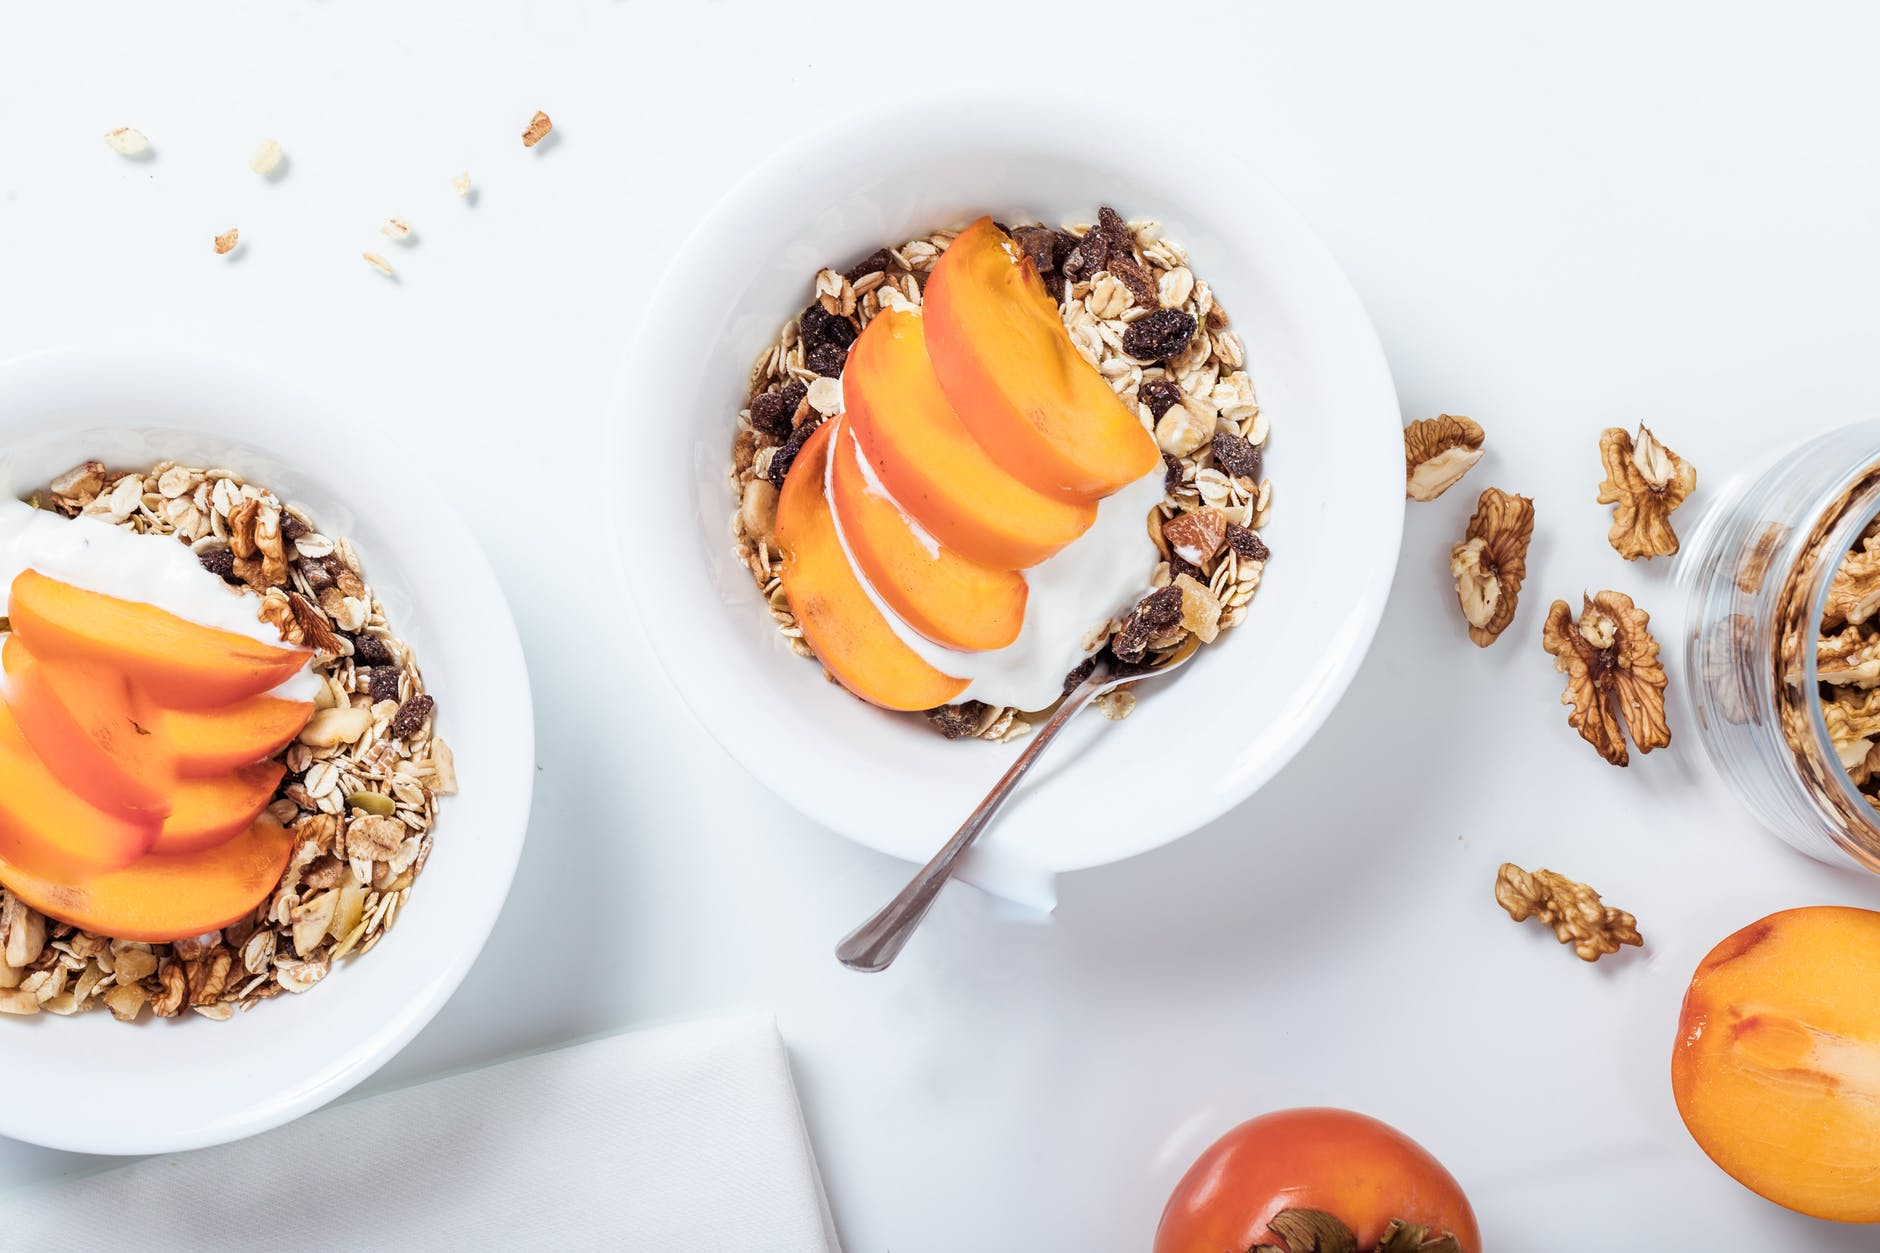 Doğal Hasan Ünal Ürünleri ile Kahvaltı Sofralarınızı Donatmaya Hazır mısınız?